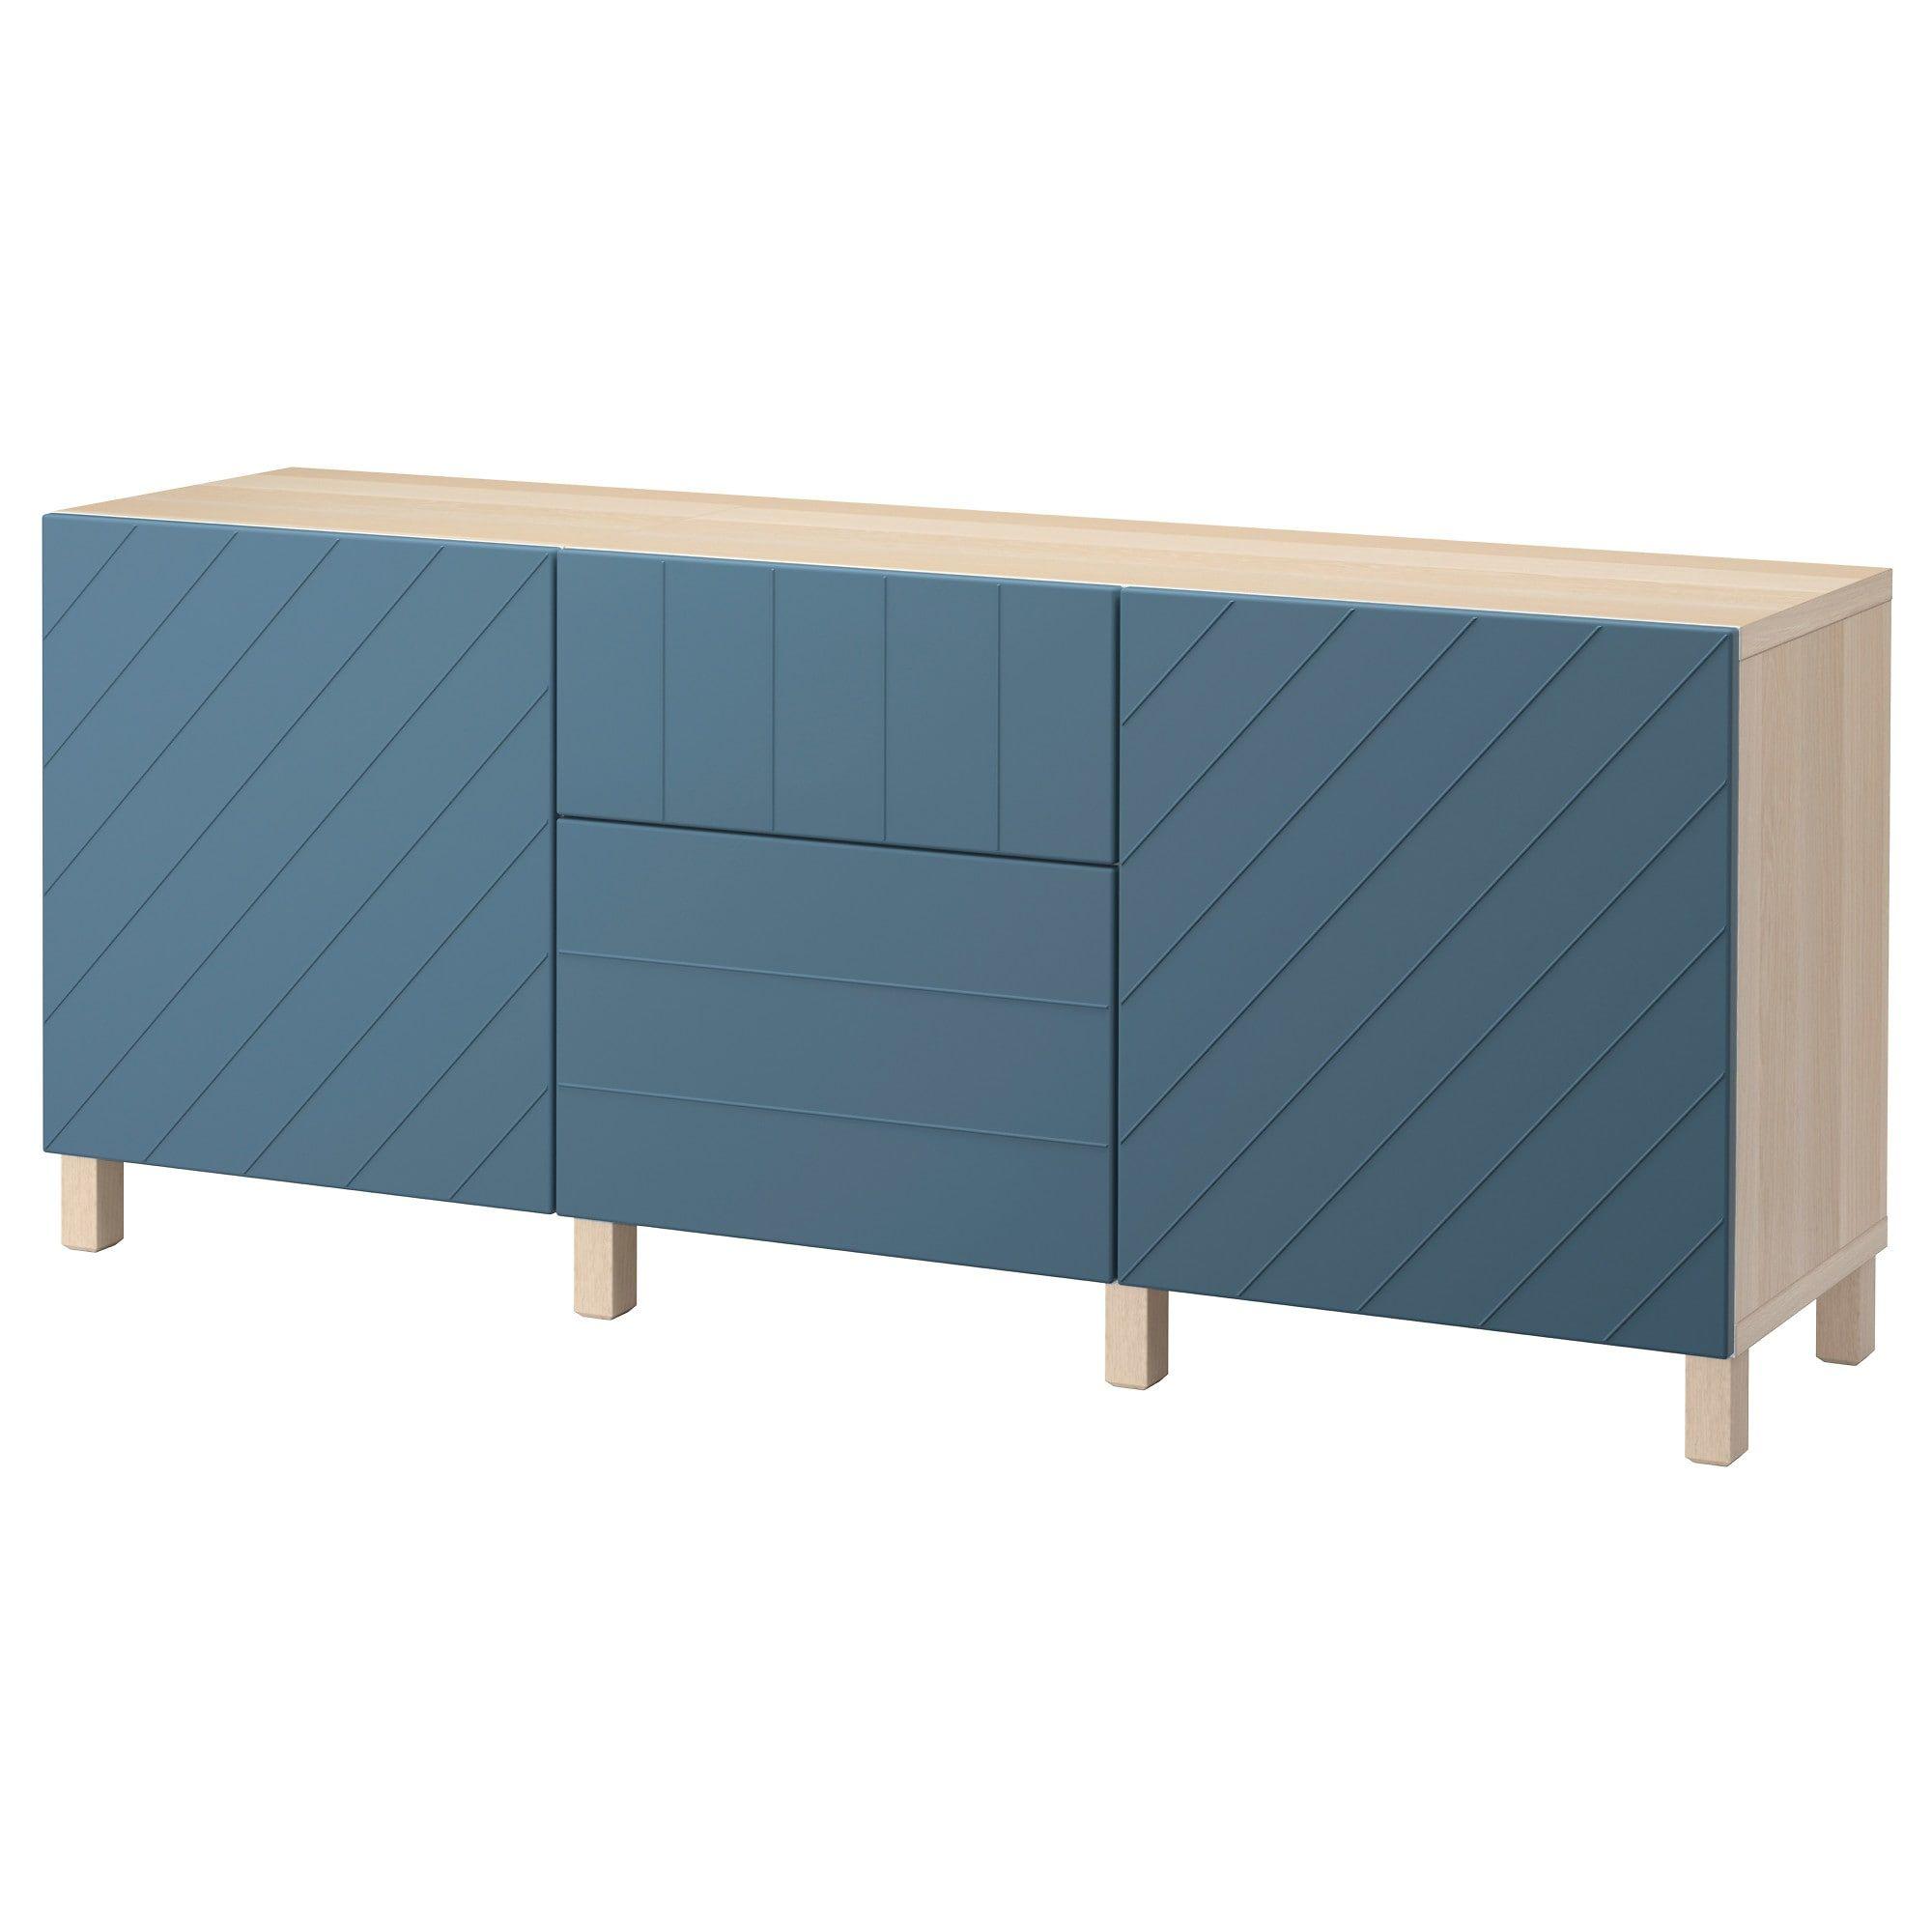 Mobilier Et Decoration Interieur Et Exterieur Rangement Tiroir Ikea Decoration Interieure